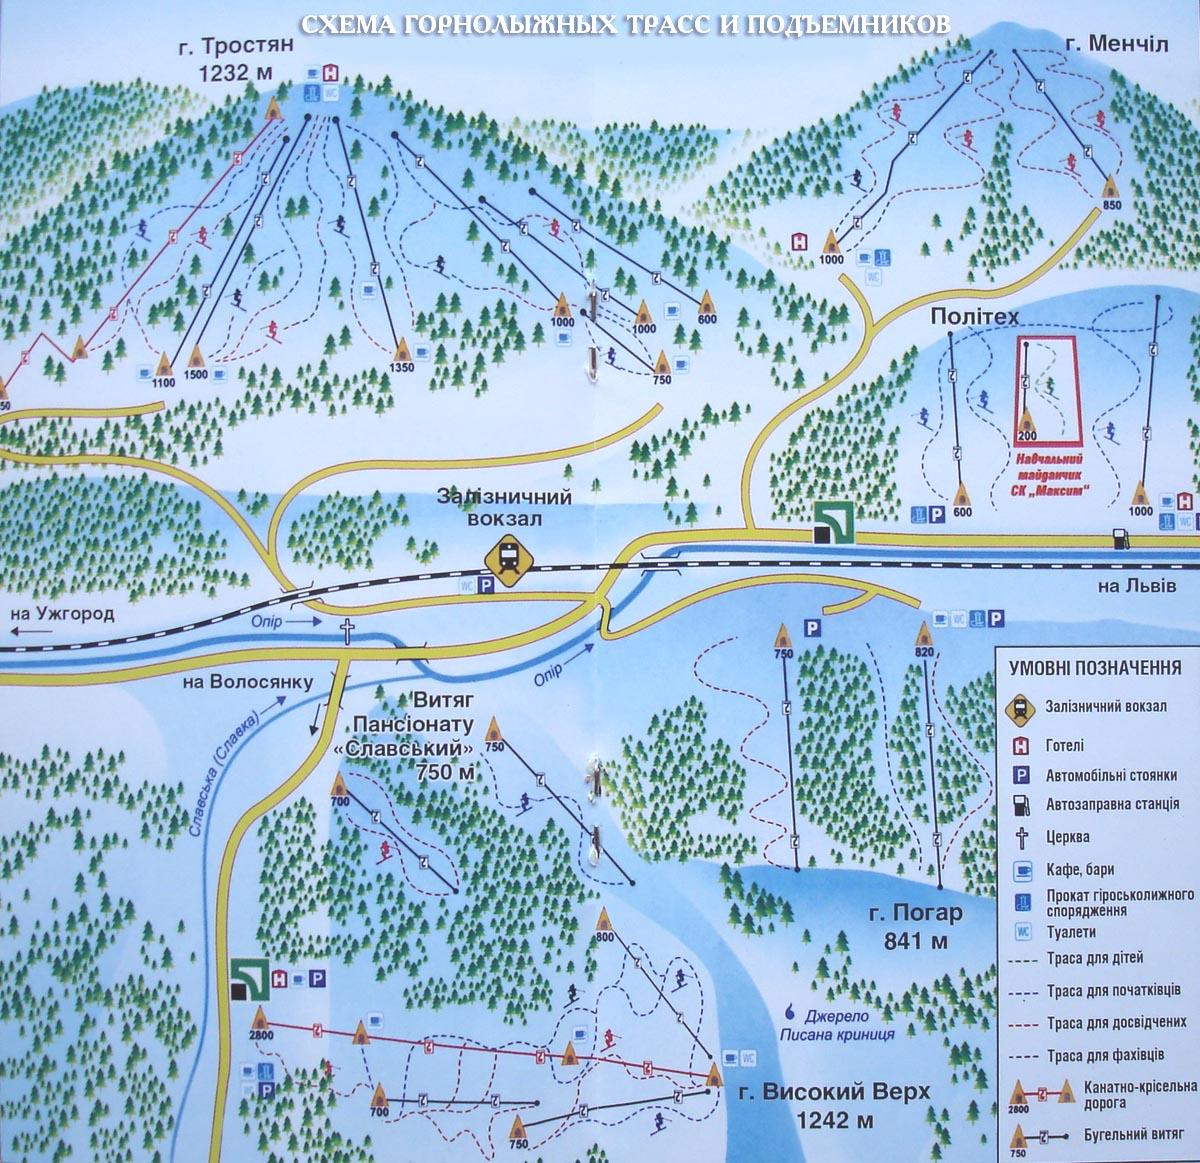 карта трасс славское